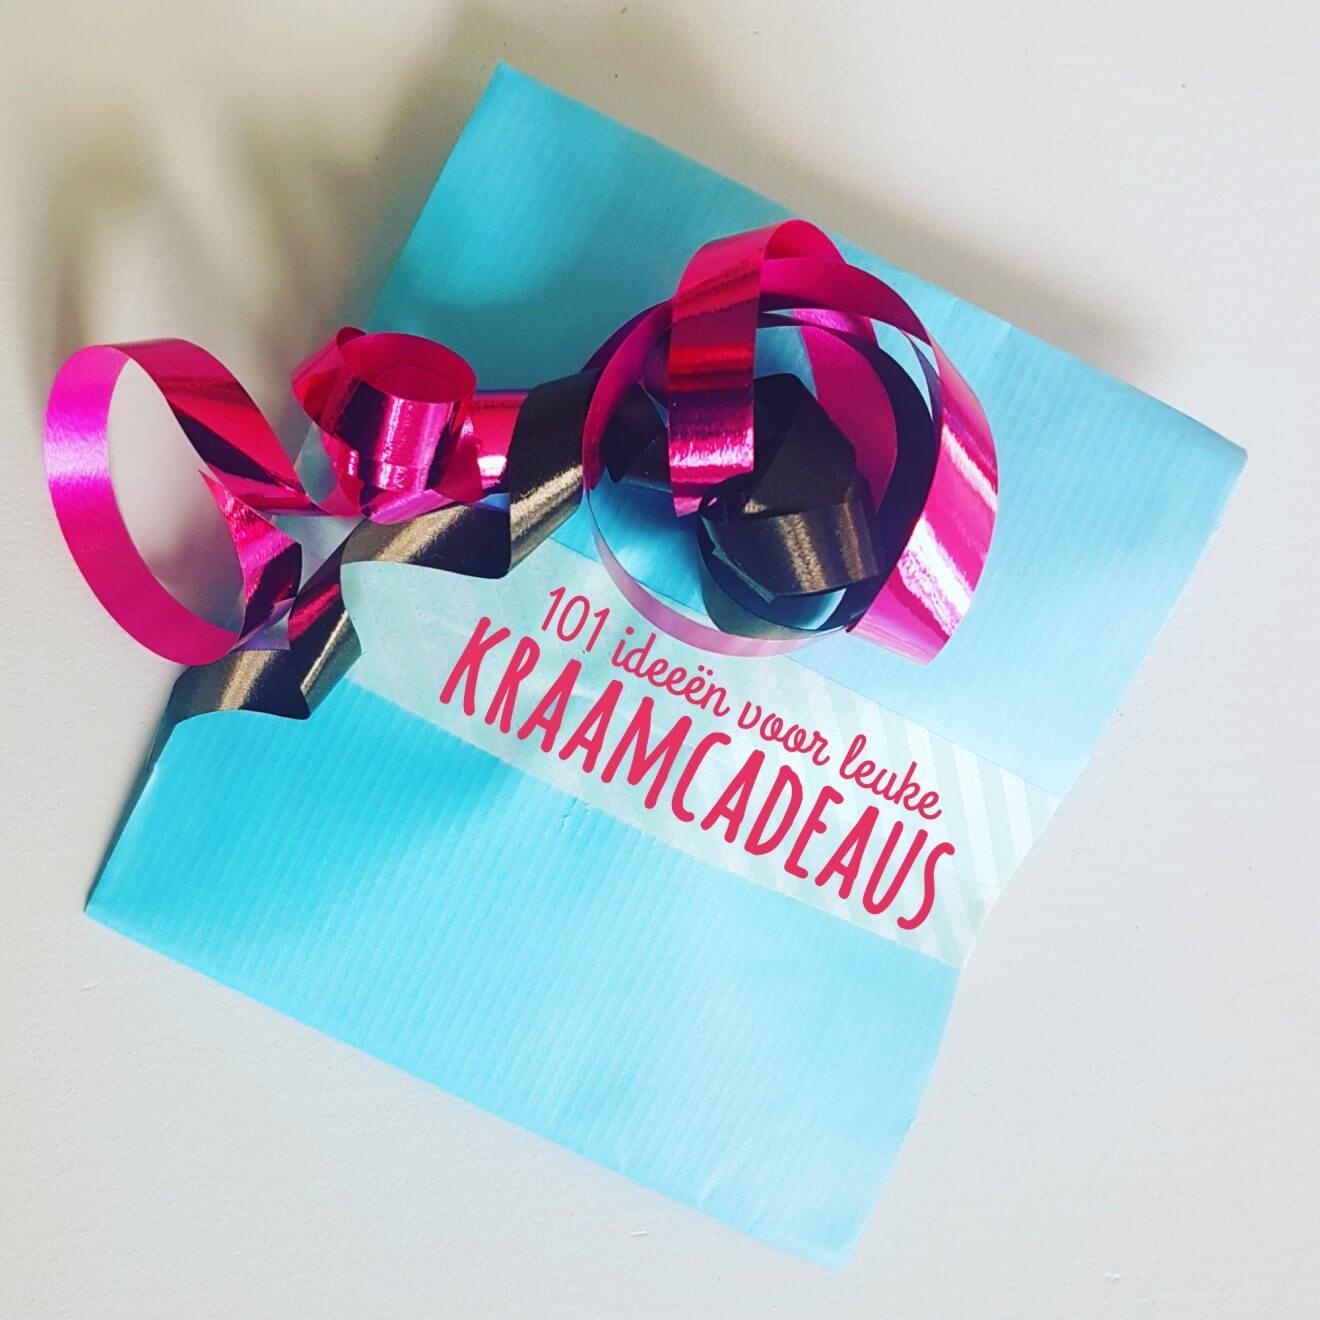 De leukste kraamcadeaus voor de geboorte van een baby 101 cadeau ideeën